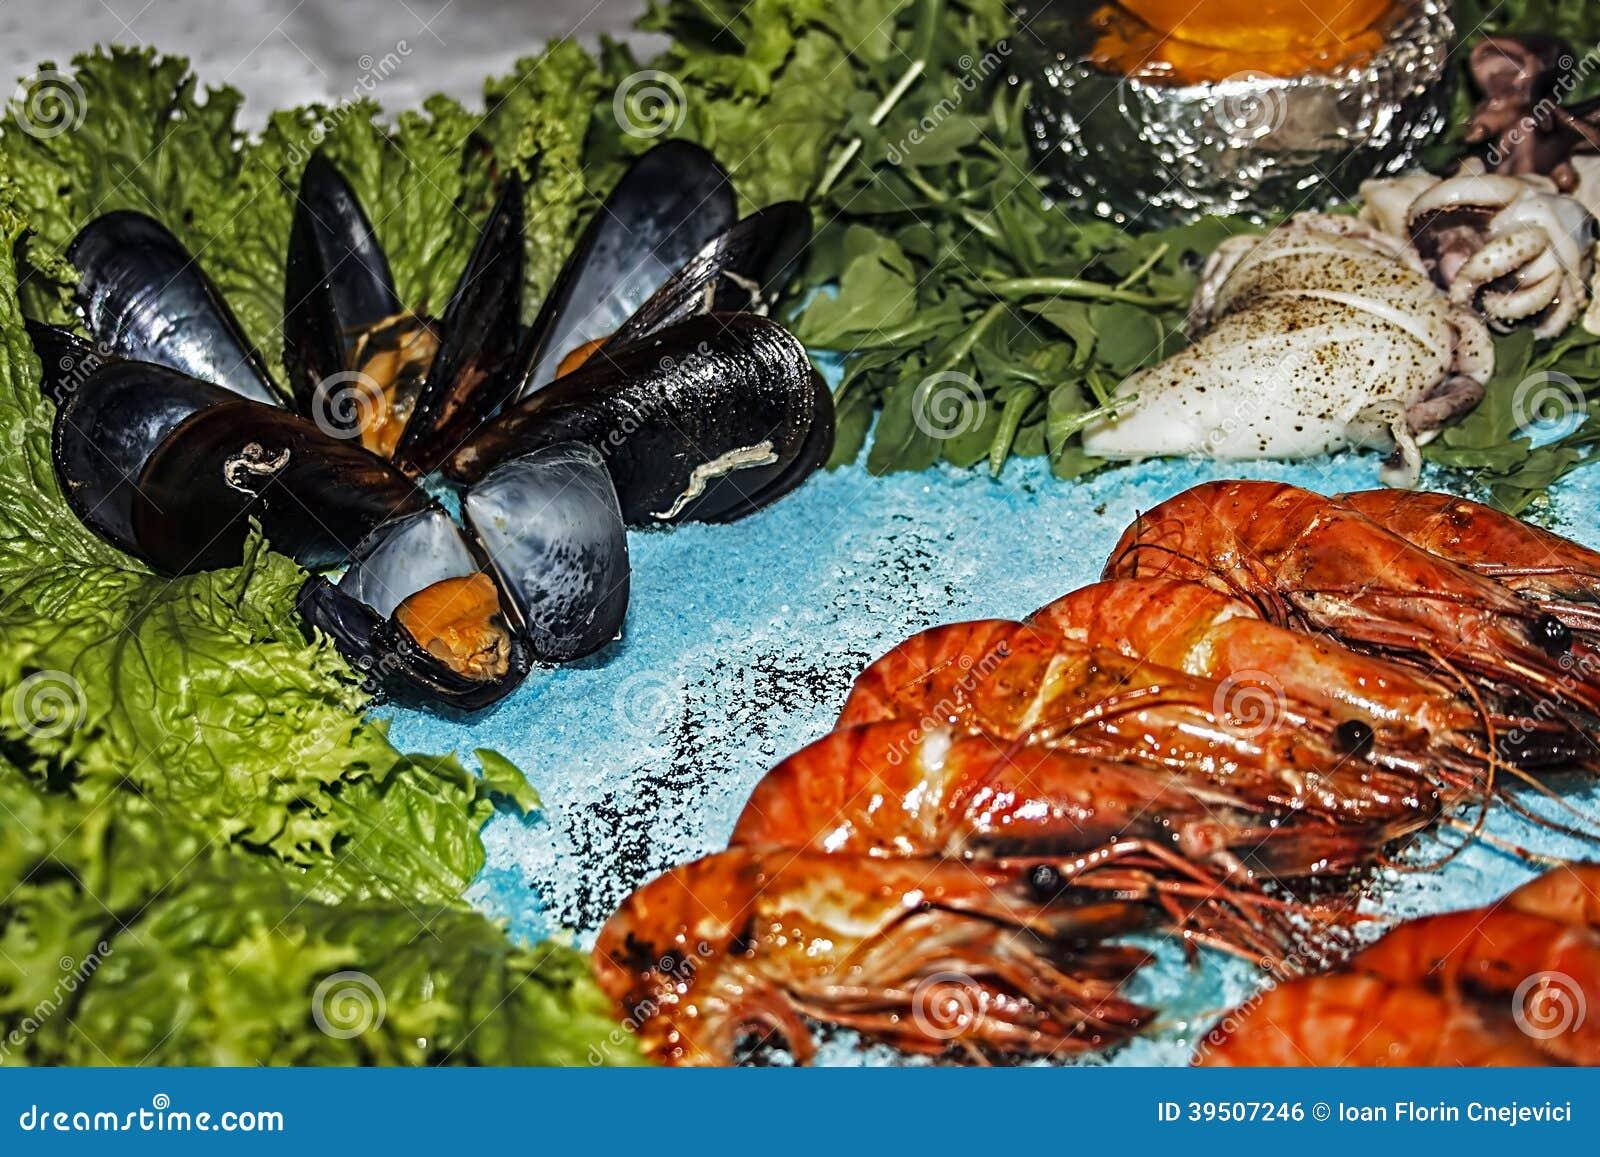 Arrangement of food 44